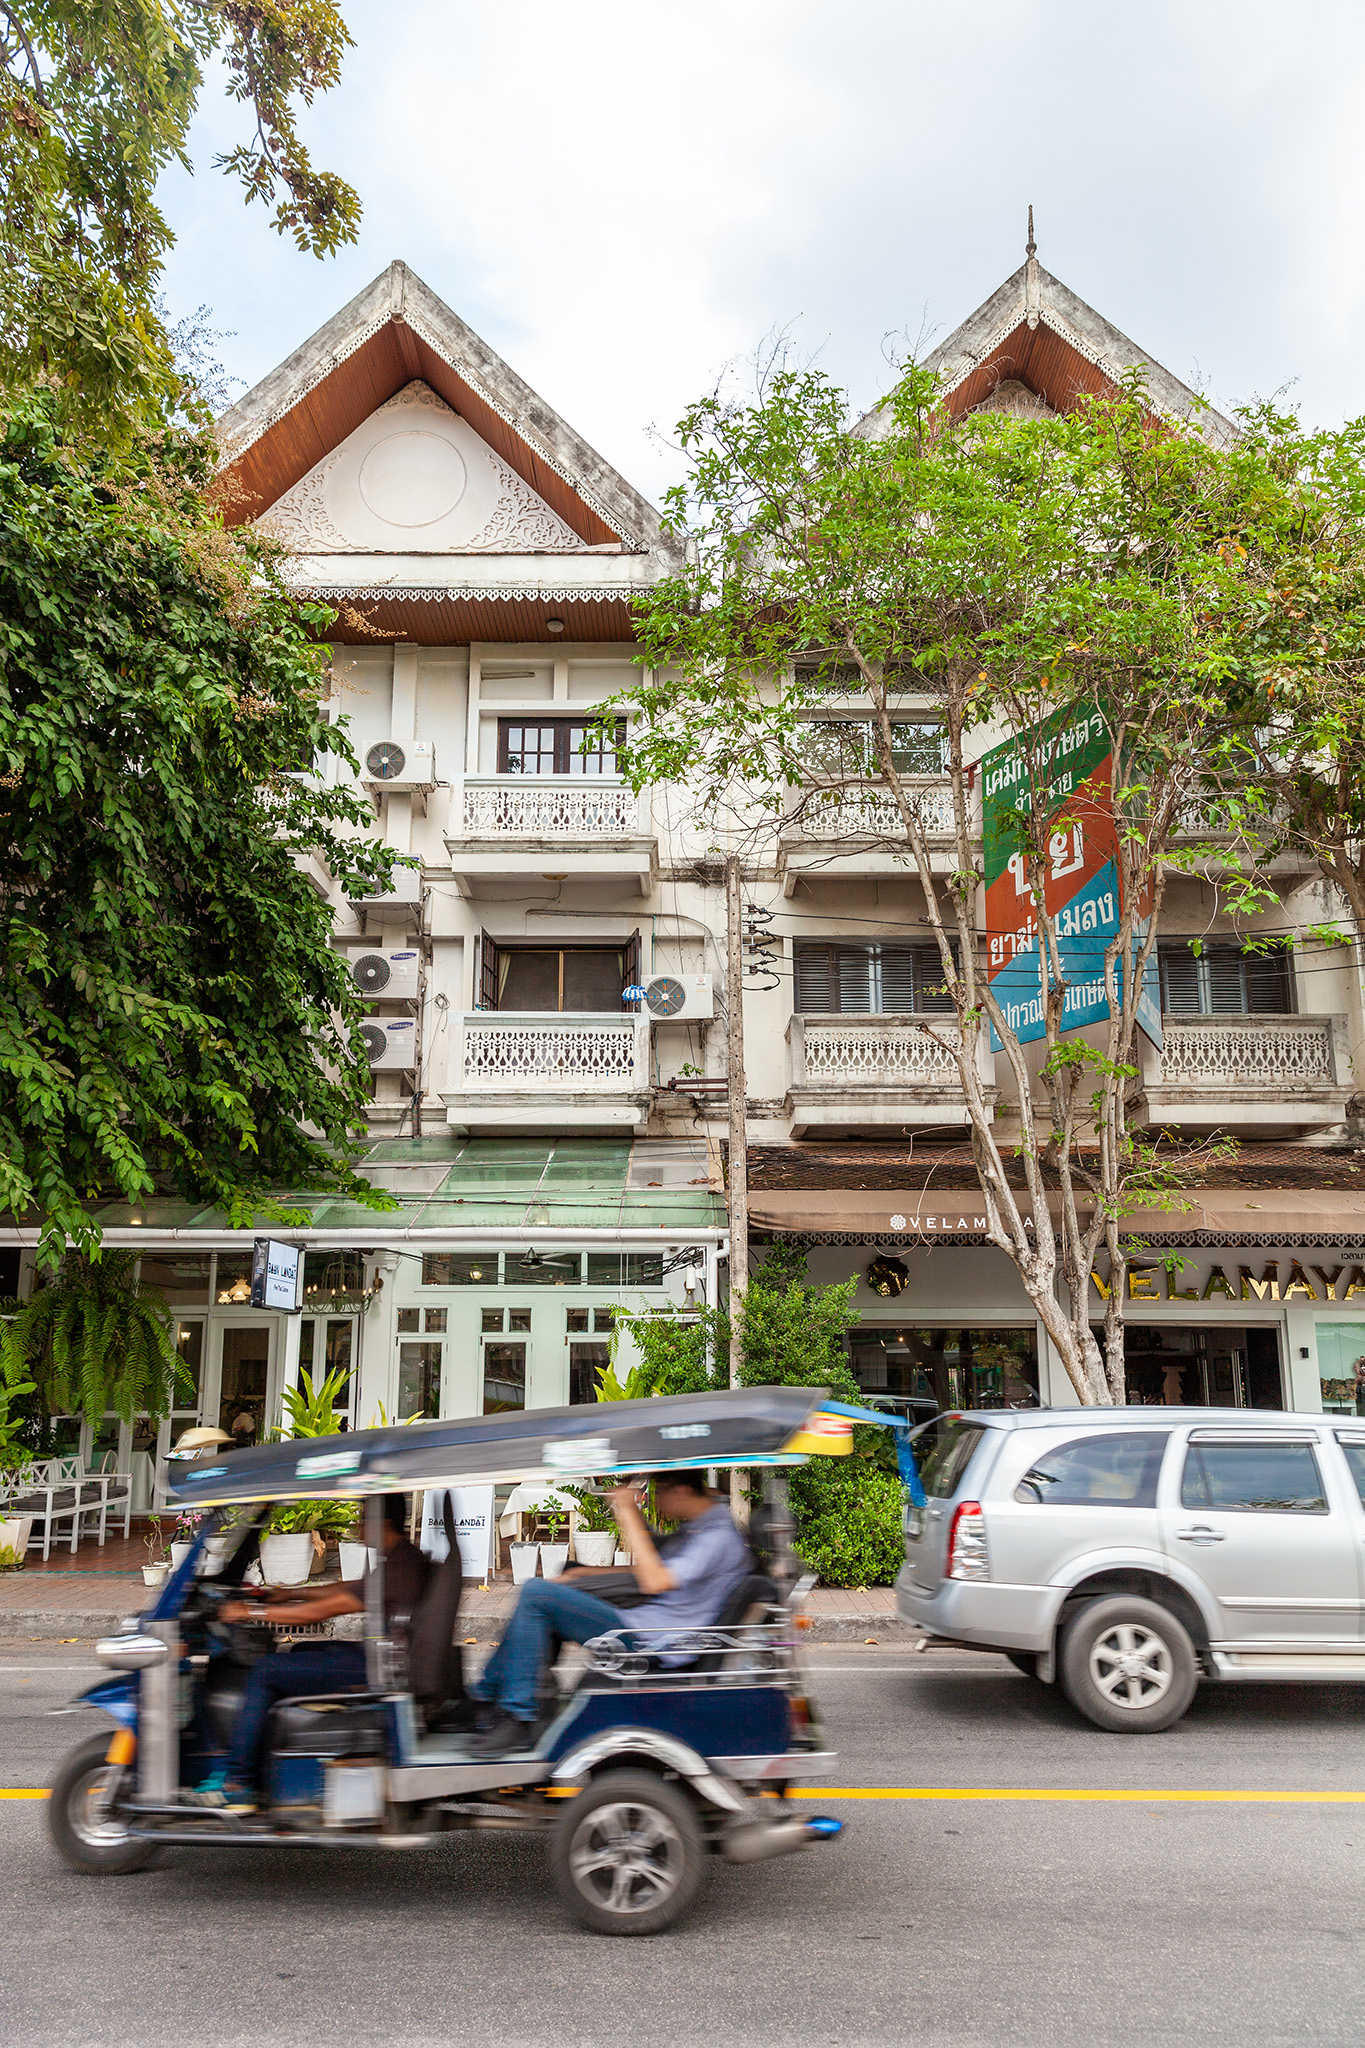 Street scene outside of Baan Landai